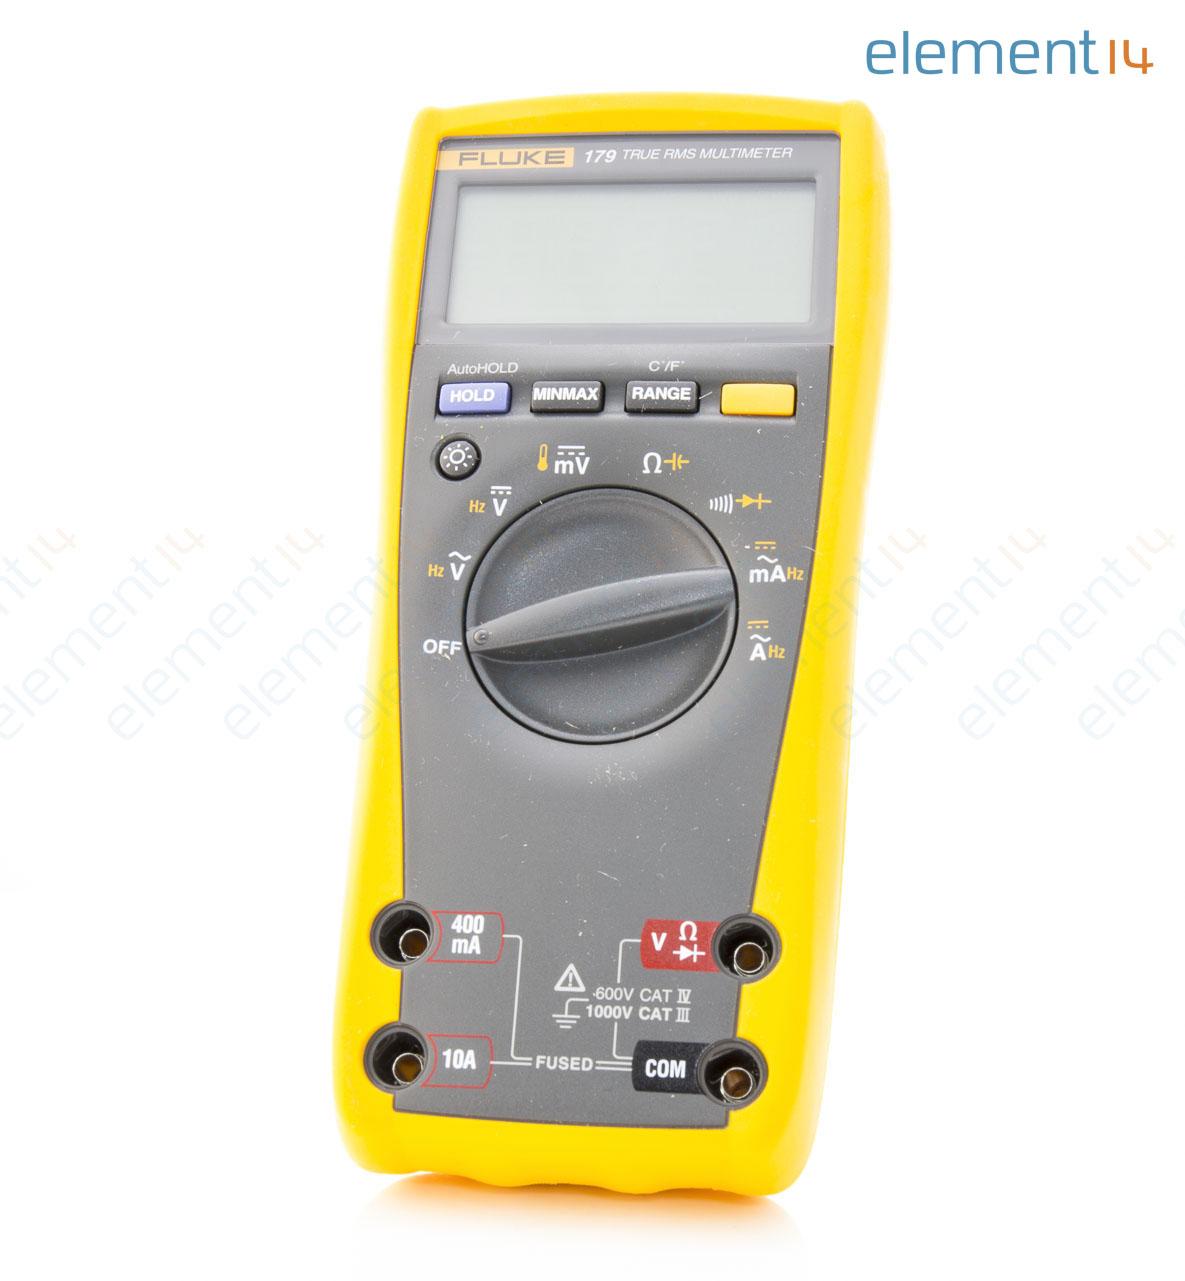 Fluke 179 Digital Multimeter |Fluke Multimeter 179